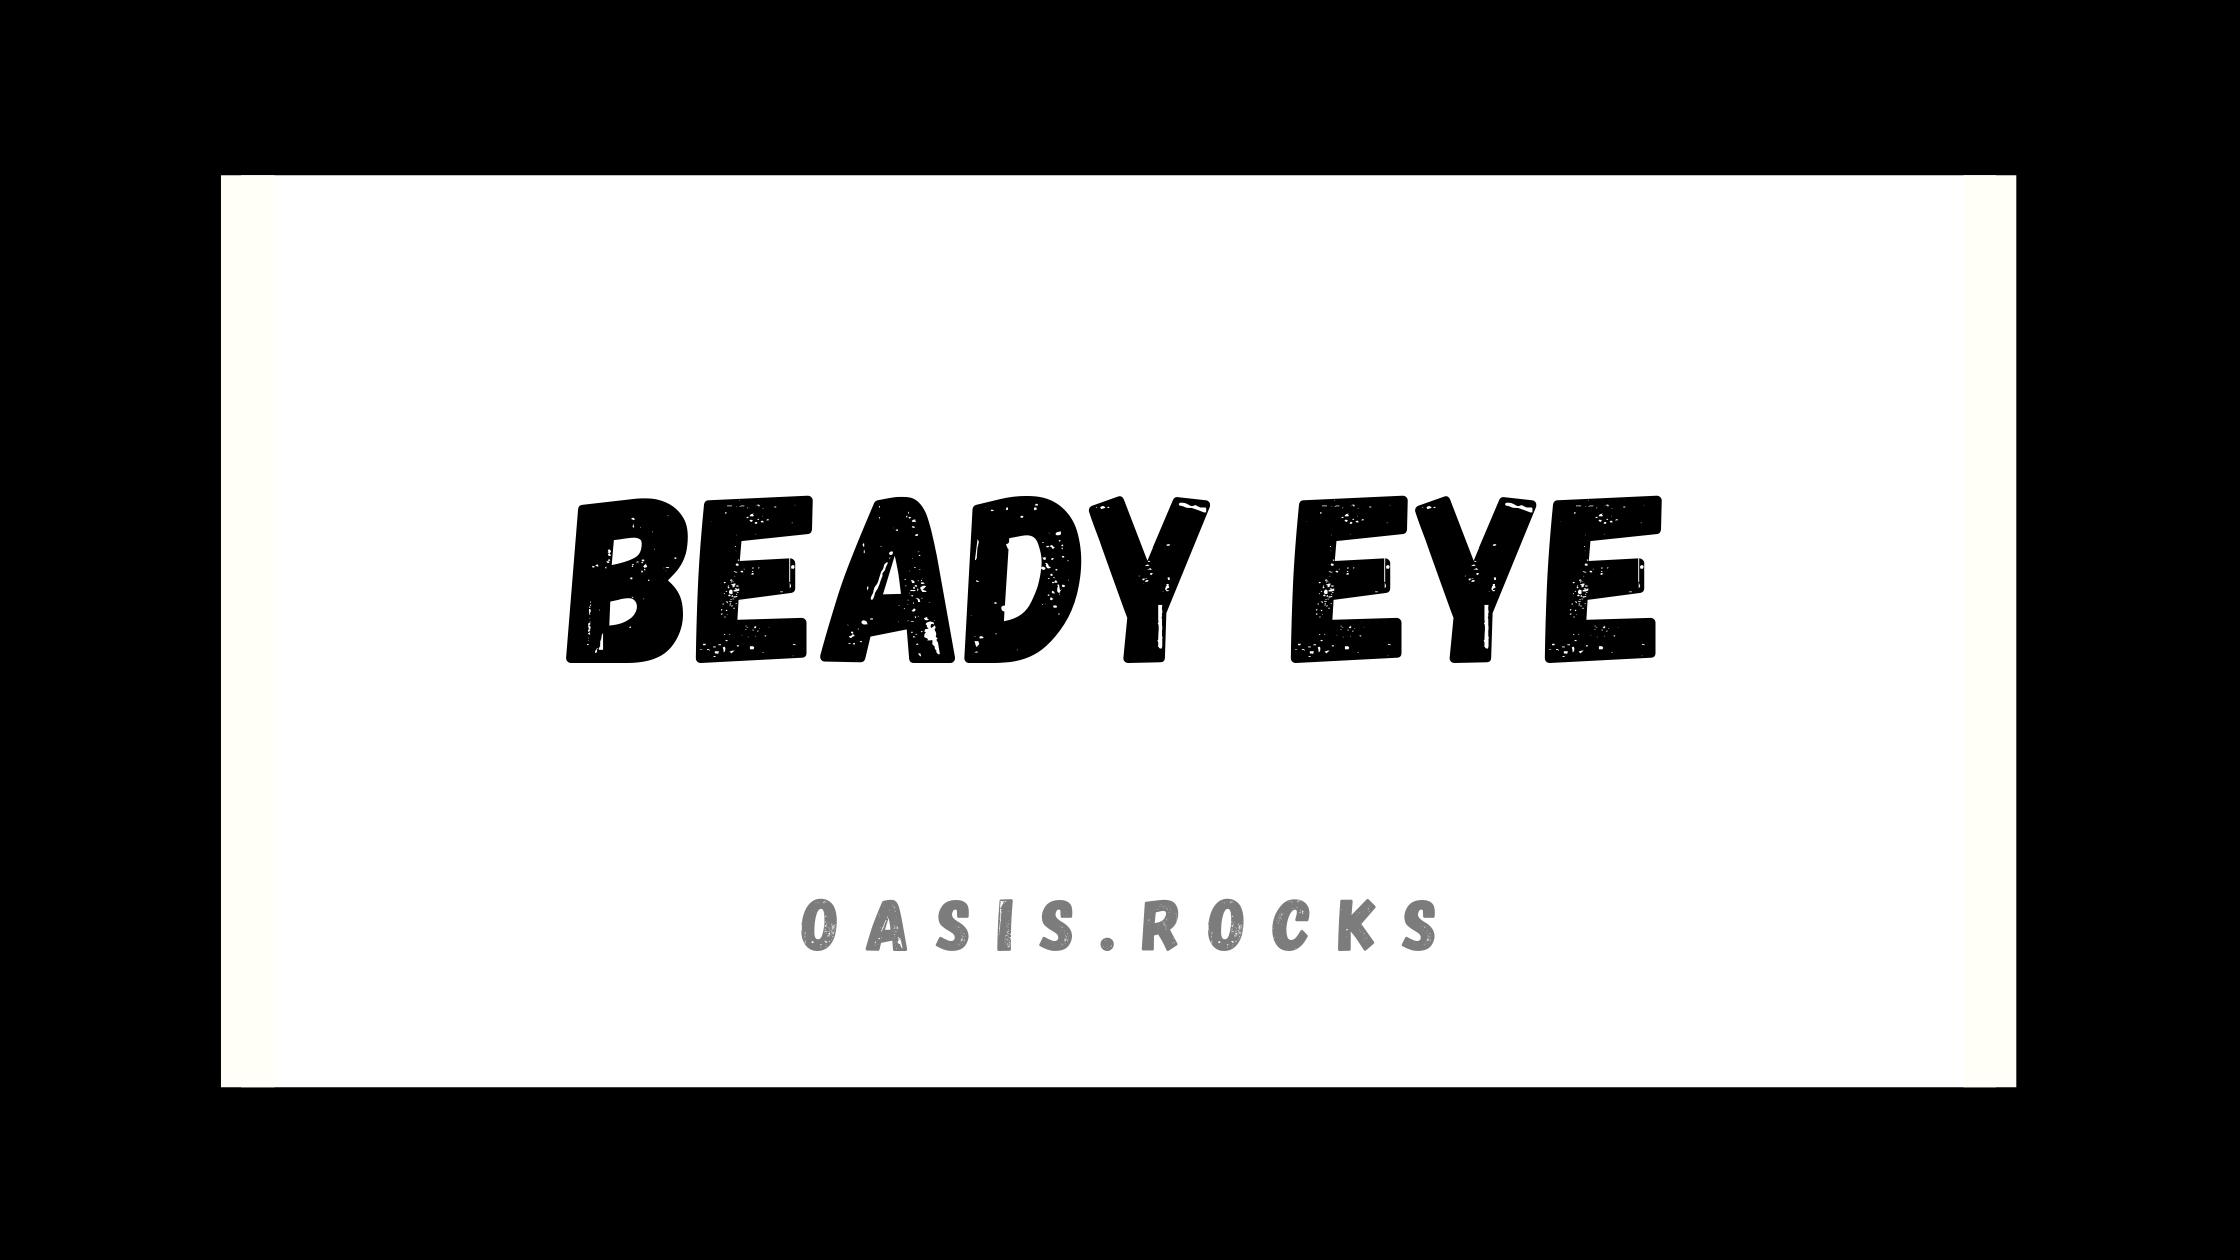 Nach dem Oasis-Aus gründete Liam Gallagher Beady Eye, doch die Band überdauerte nicht lange.